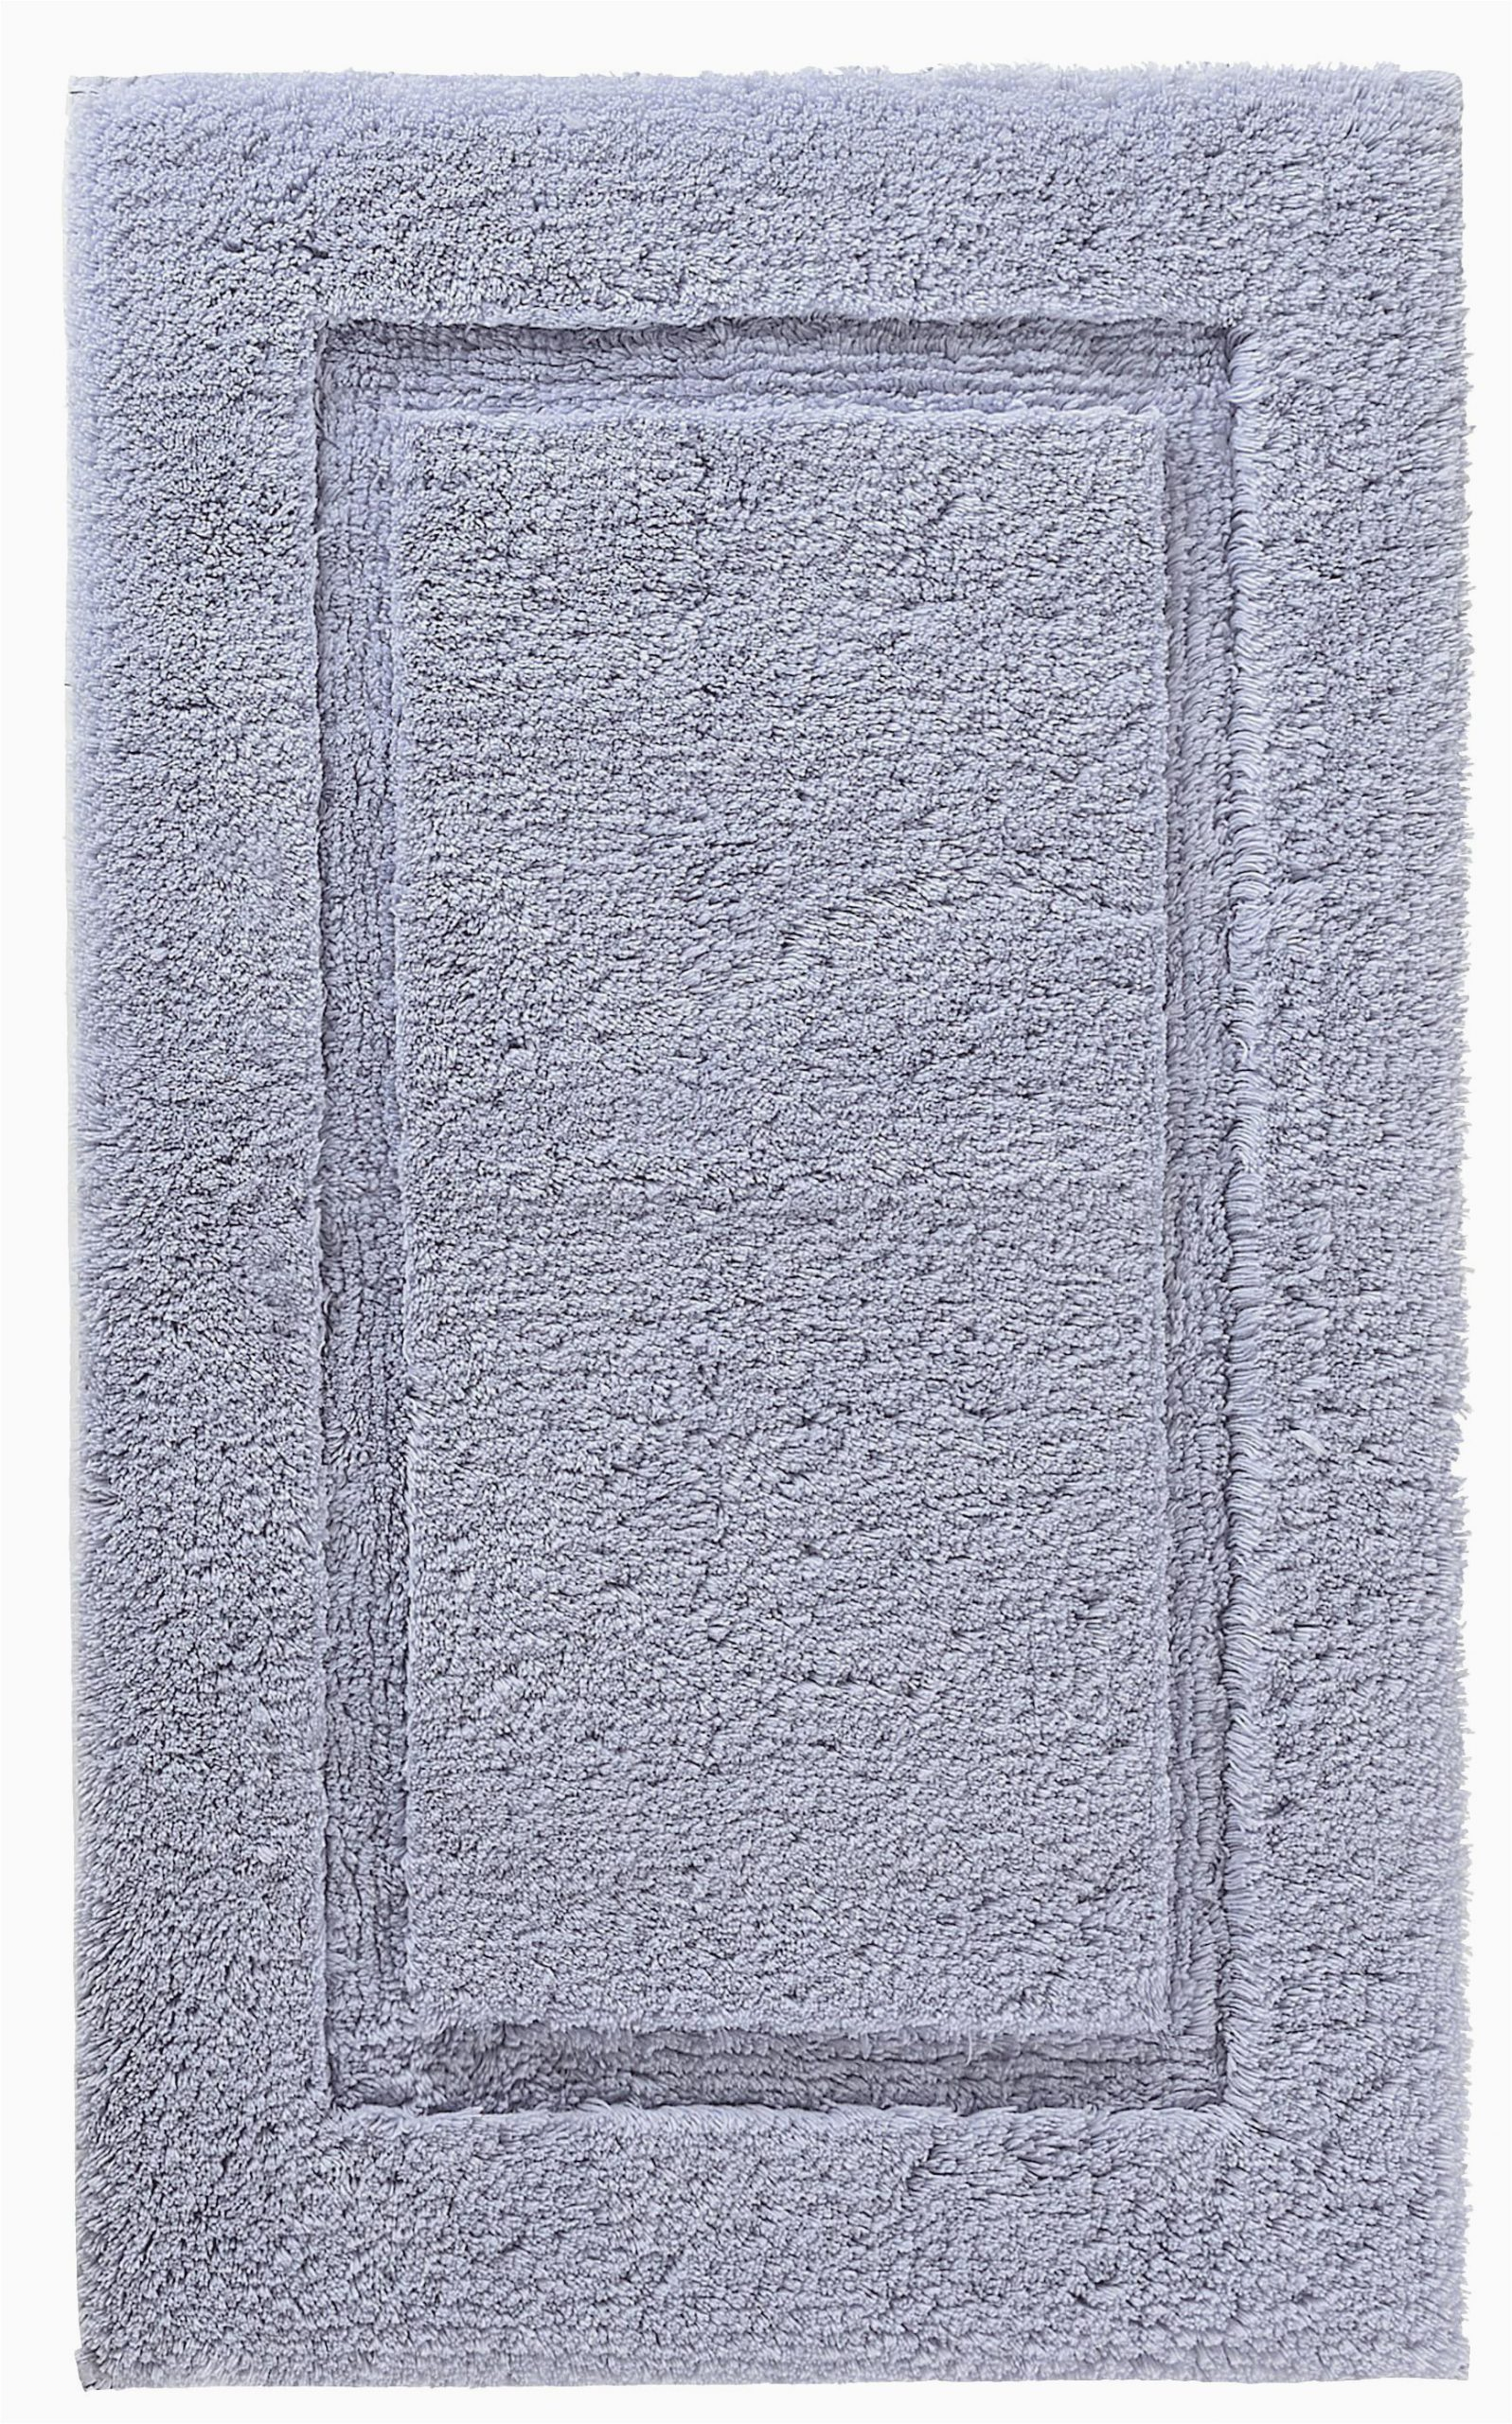 graccioza bathroom mats 20x31 baby blue prestige bath rug in 1800x